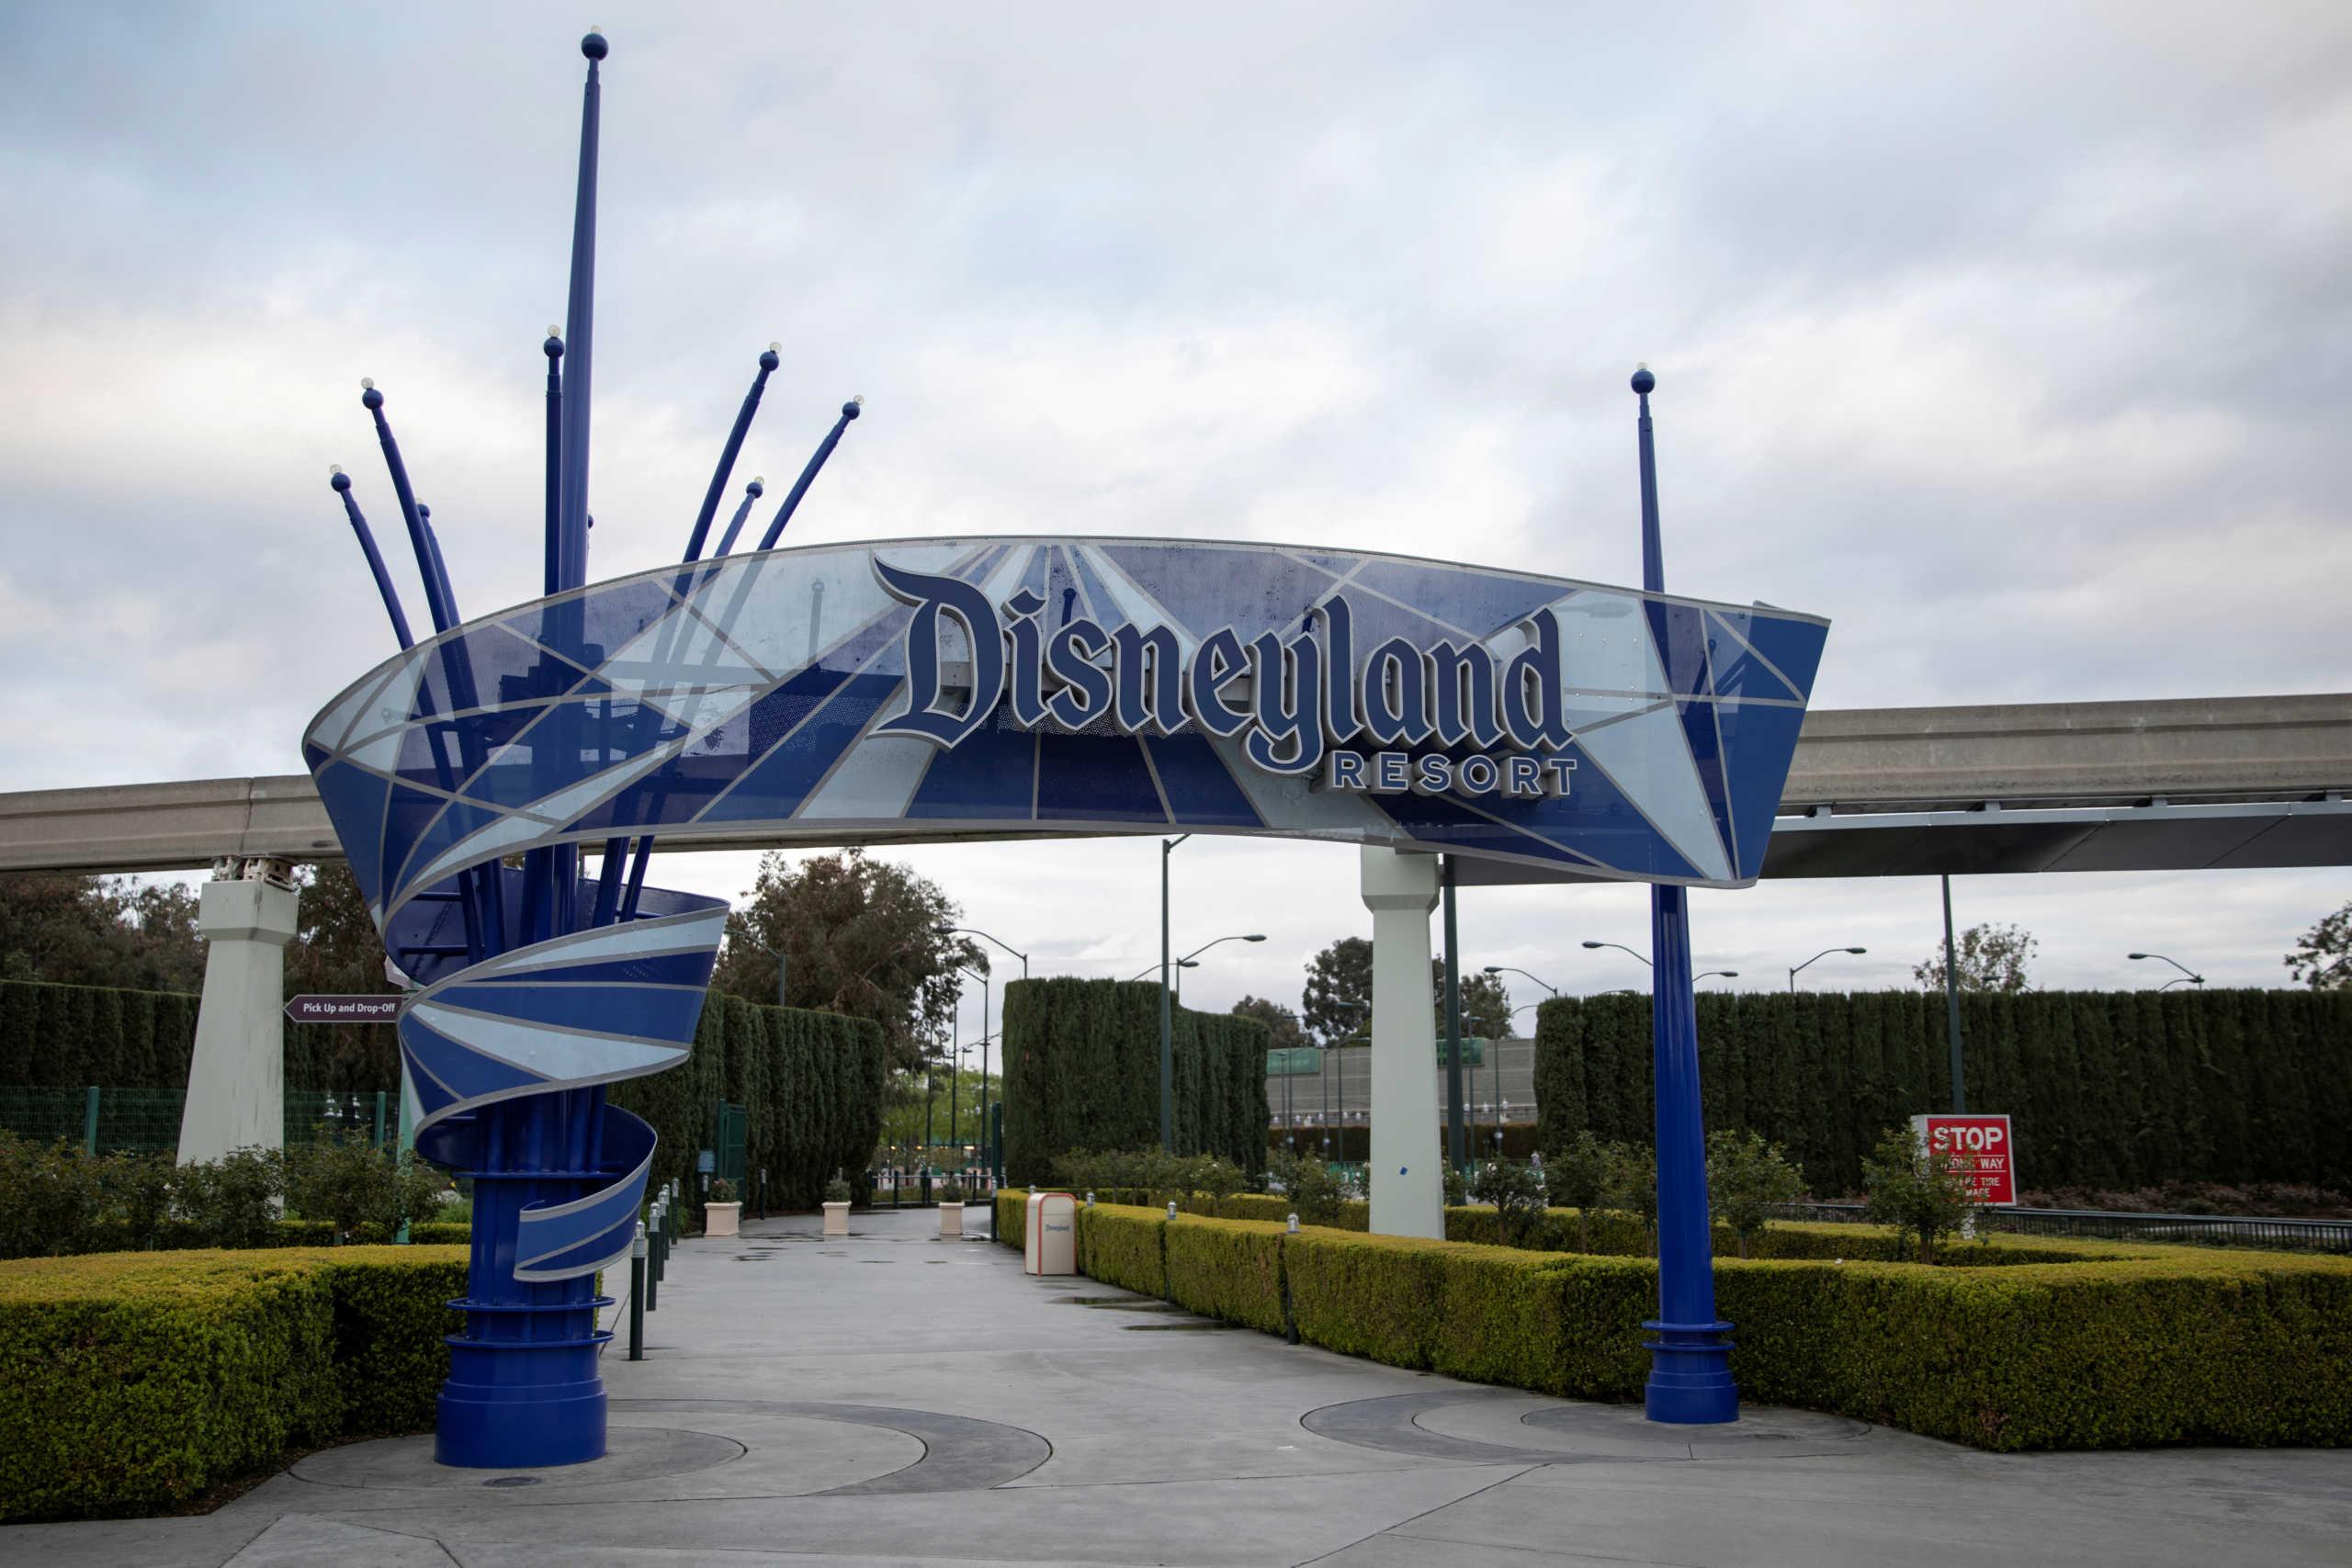 Ο κορονοϊός καθυστερεί το άνοιγμα των θεματικών πάρκων της Disney στην Καλιφόρνια